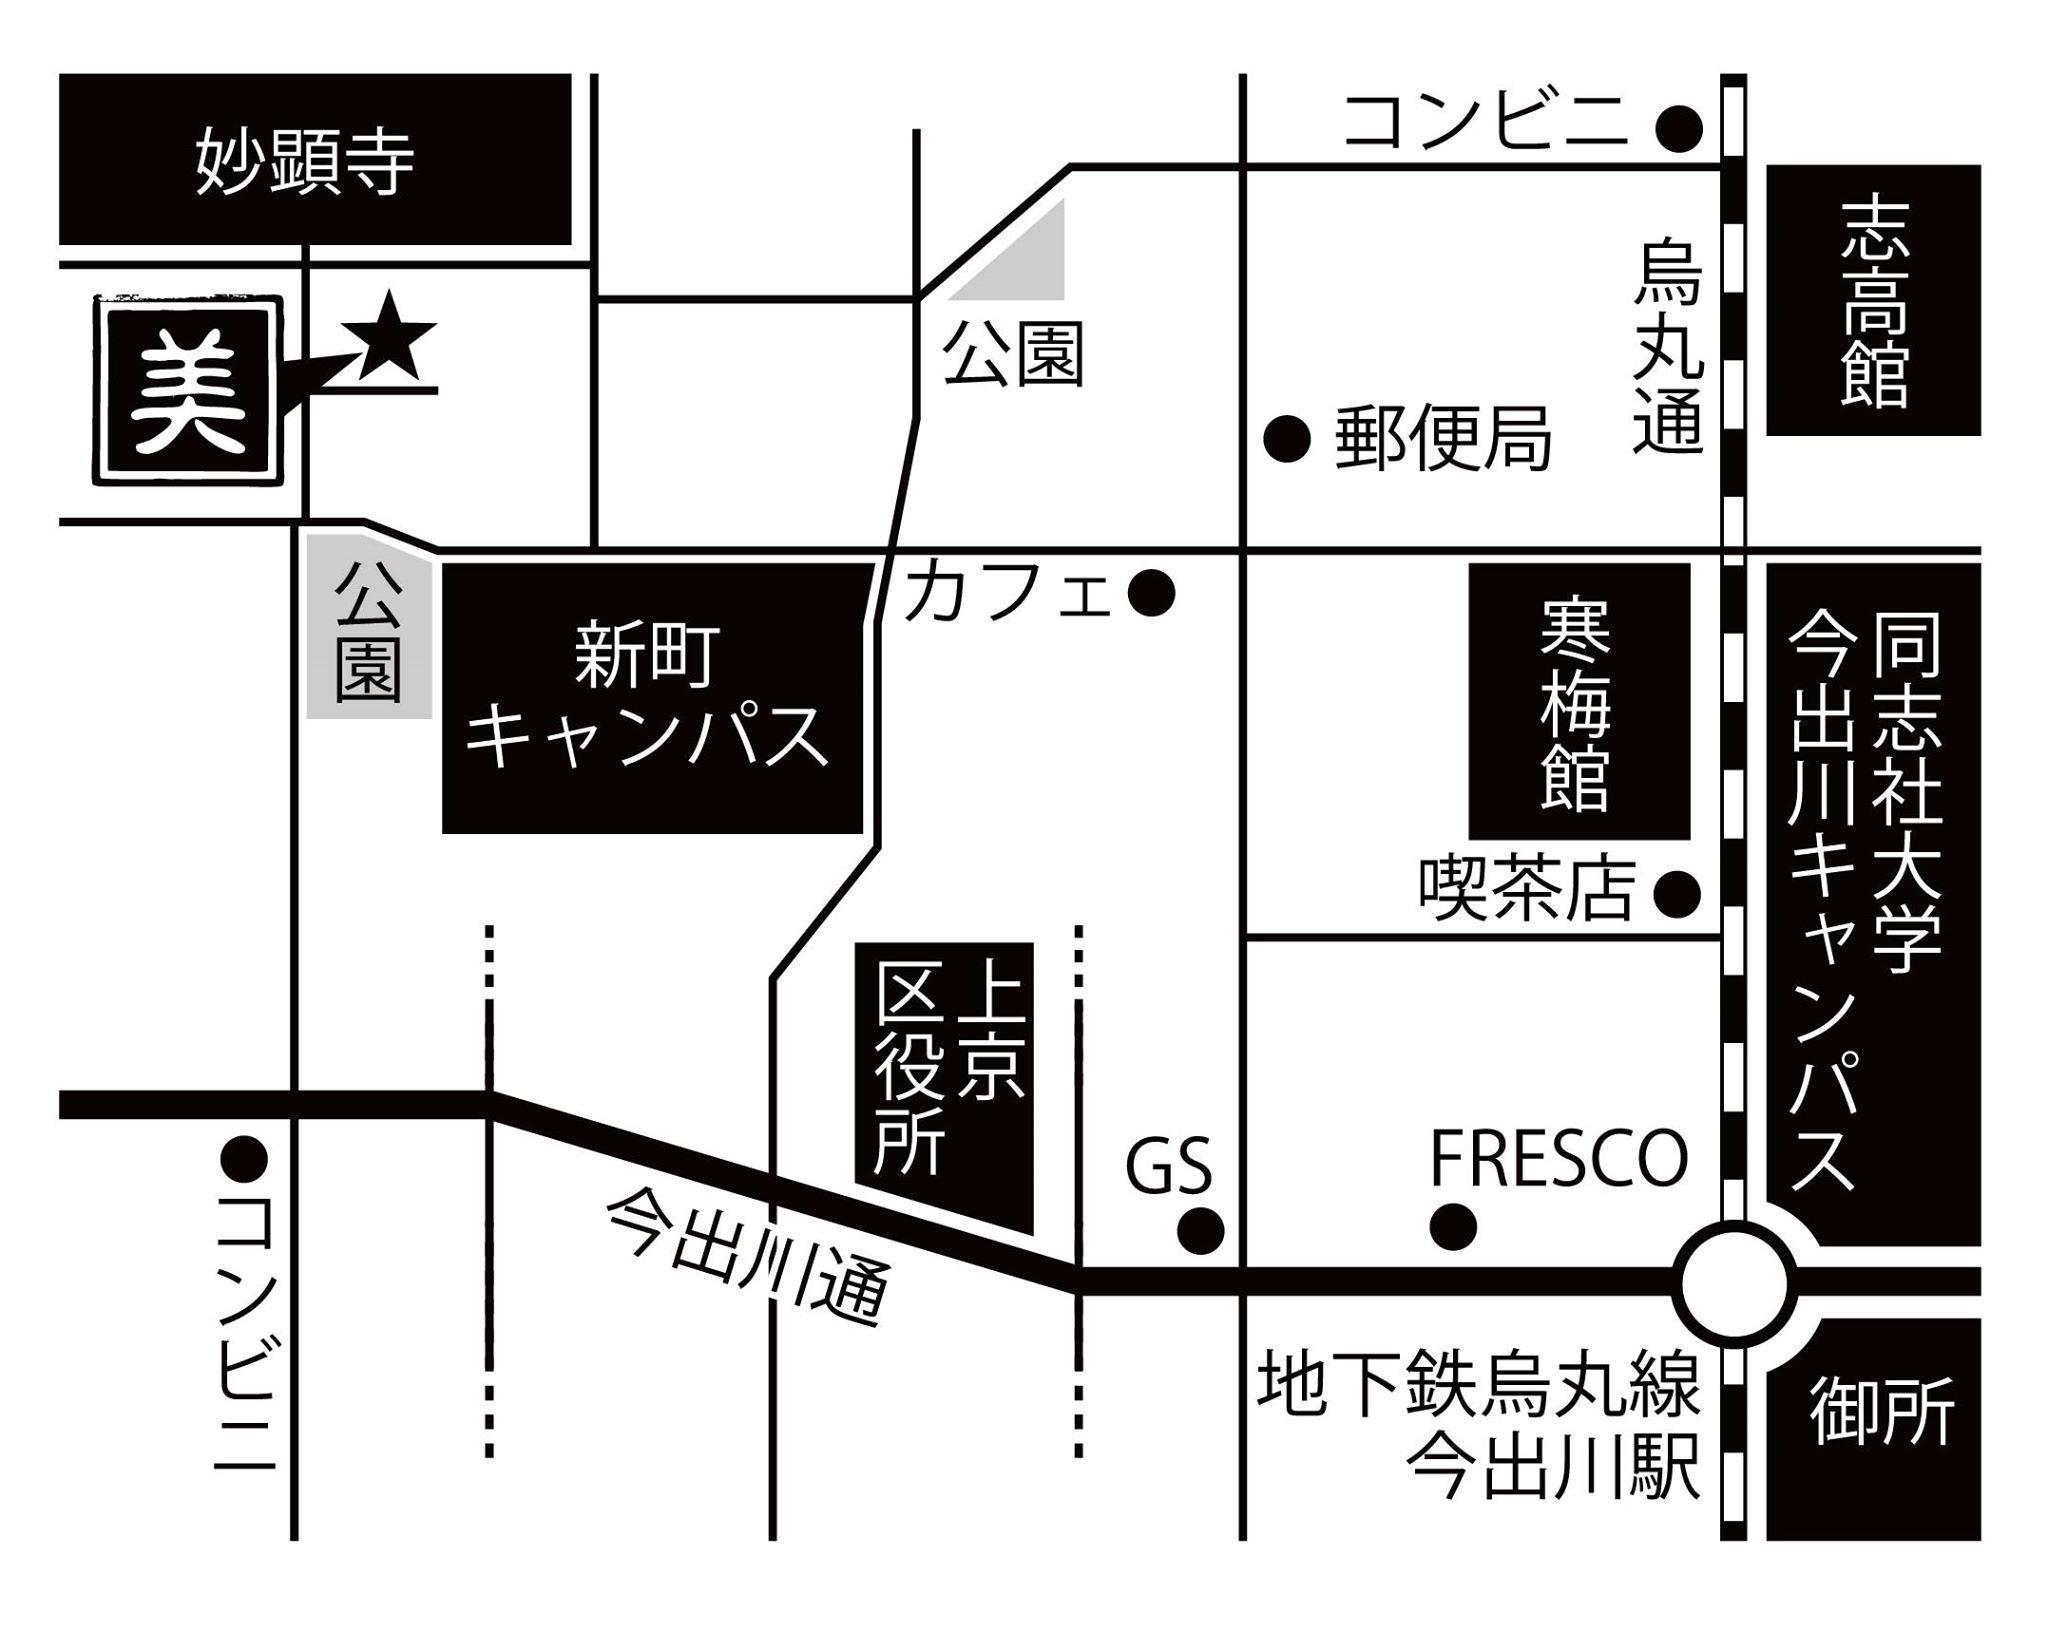 京都・大阪から3つのグループが集合「新アートコミュニティの挑戦」、スナック現美で!_b0165526_12030520.jpg